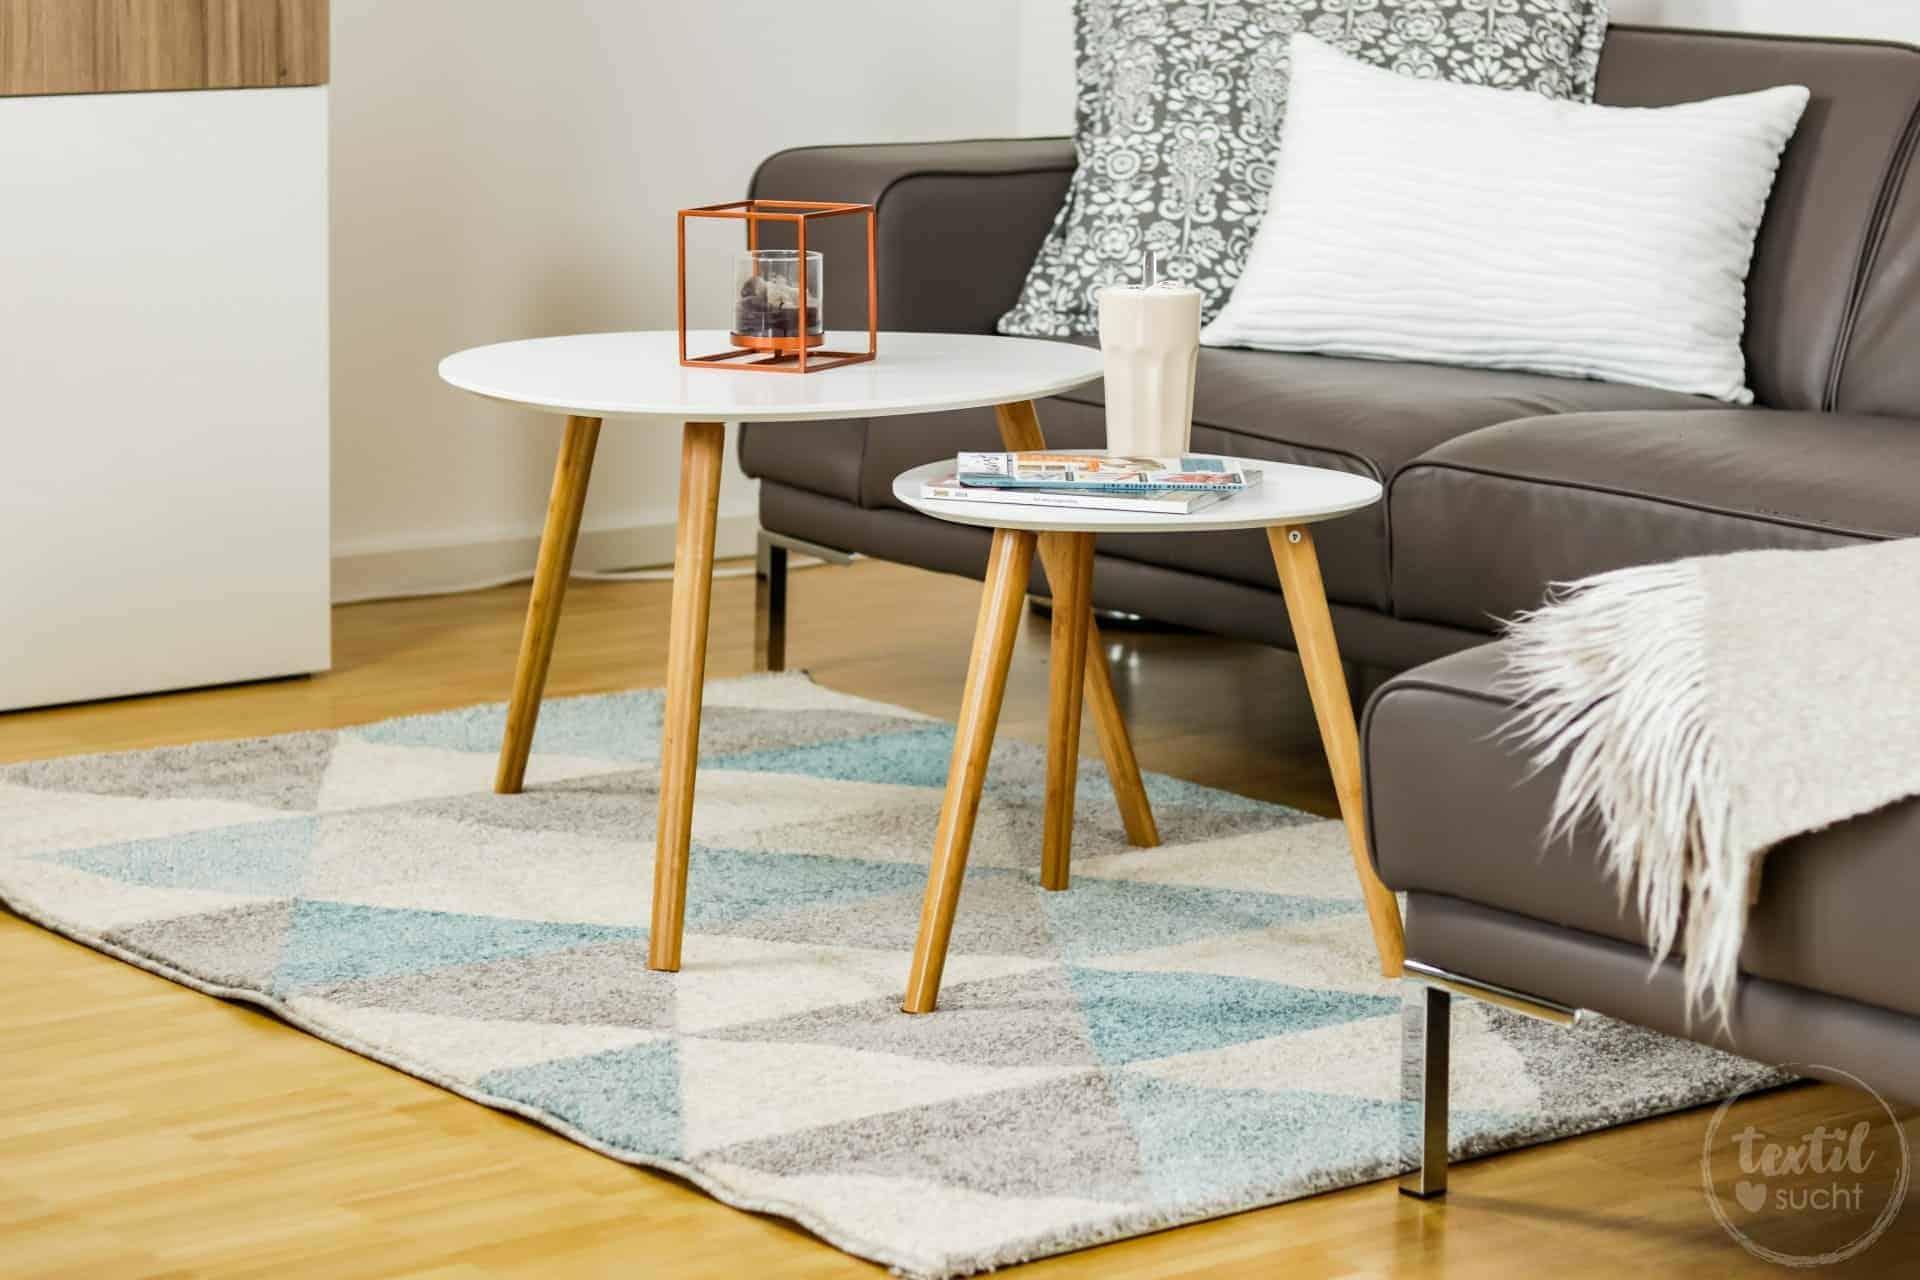 Raum für Kreativität: Mein Wohnzimmer » Textilsucht®